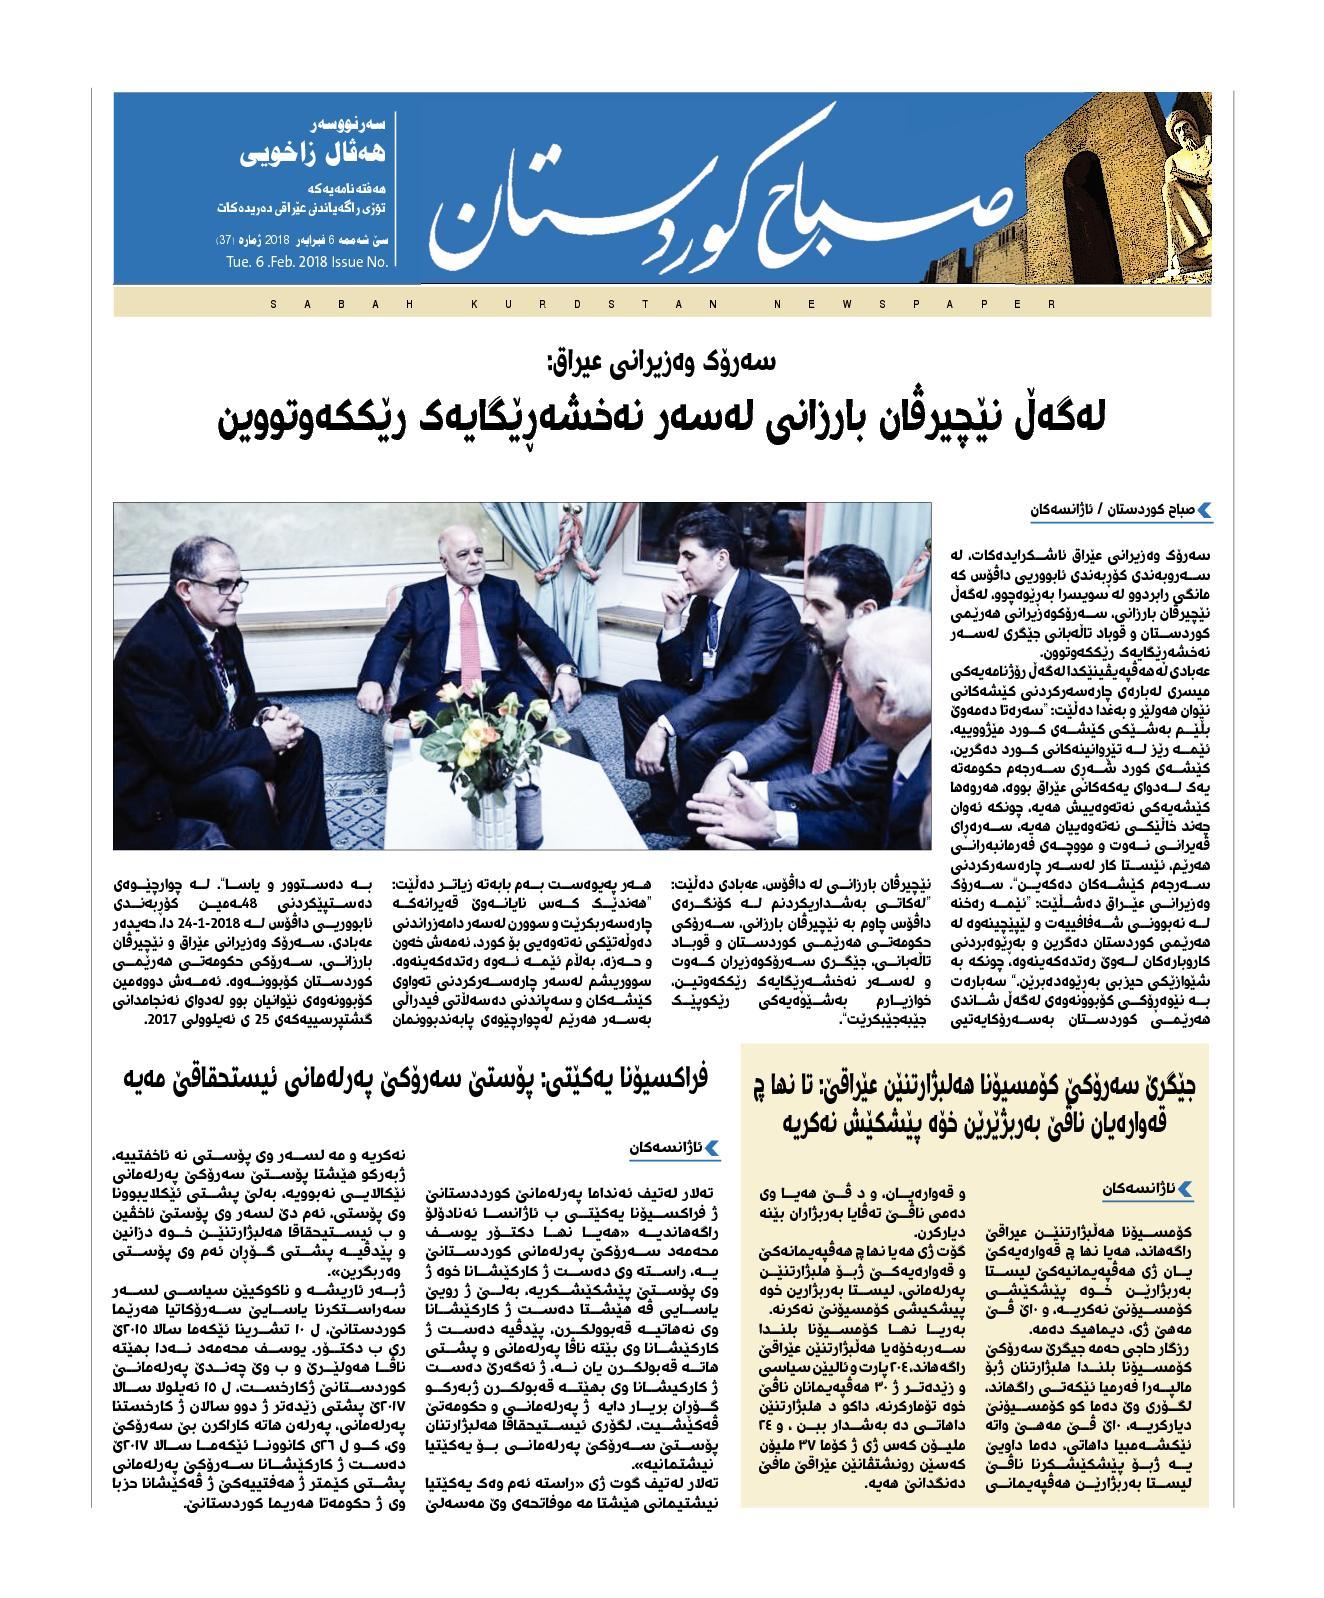 رۆژناما صباح كوردستان ژماره 37